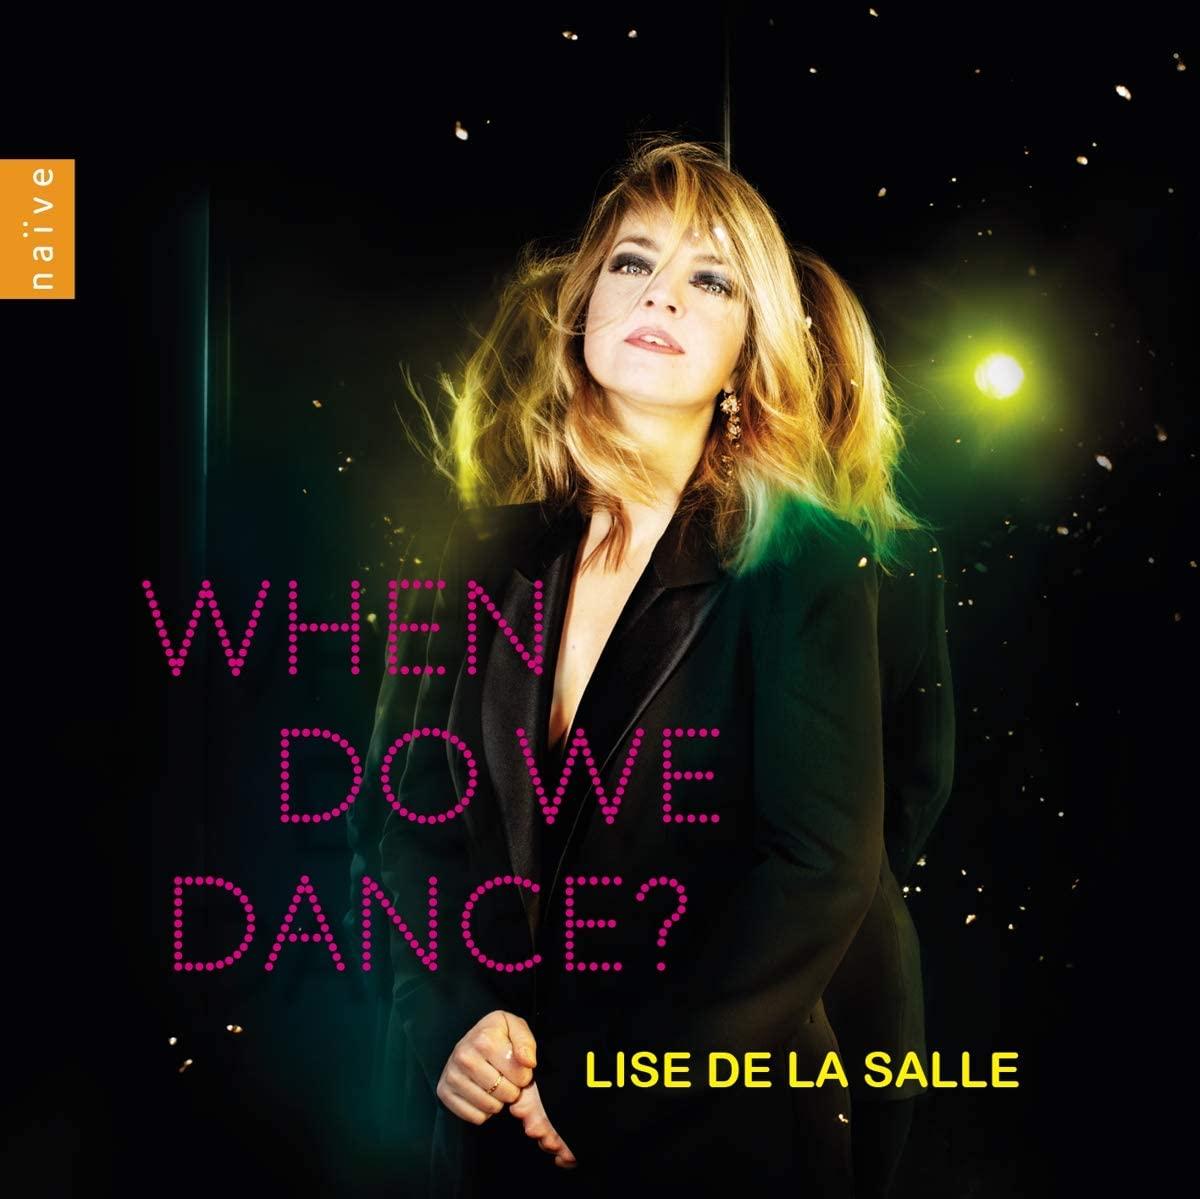 Review of Lise De La Salle: When Do We Dance?